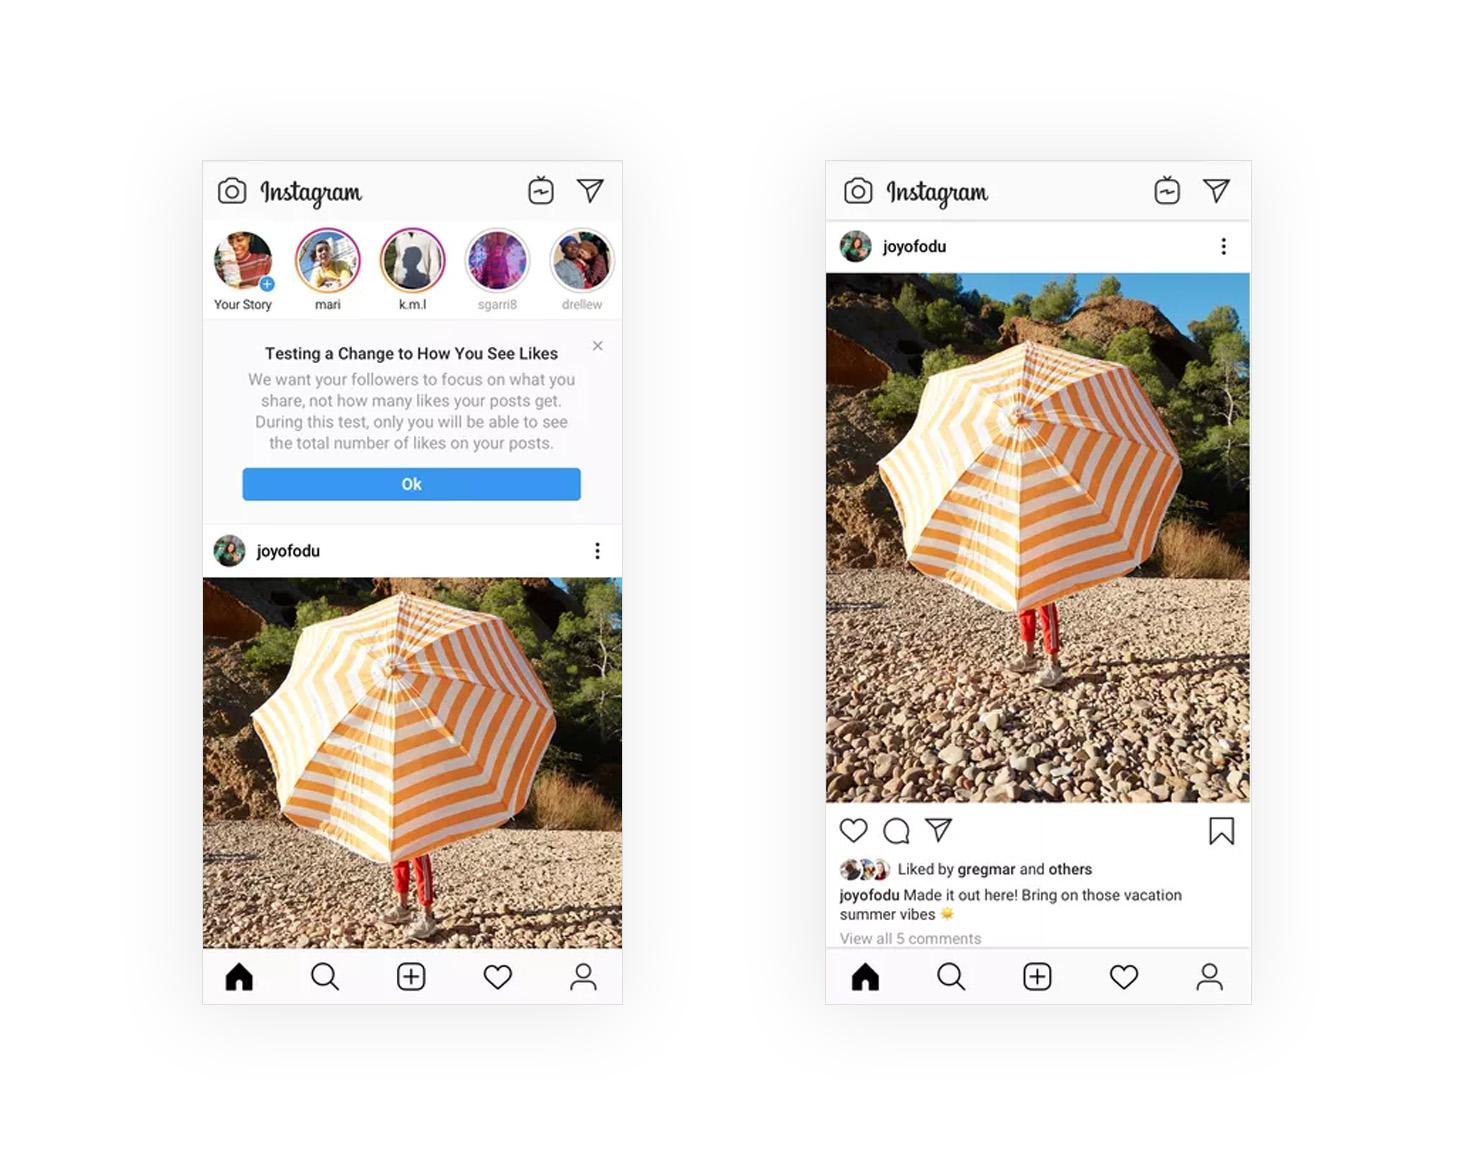 Las 12 actualizaciones más importantes en Instagram en el 2019 9